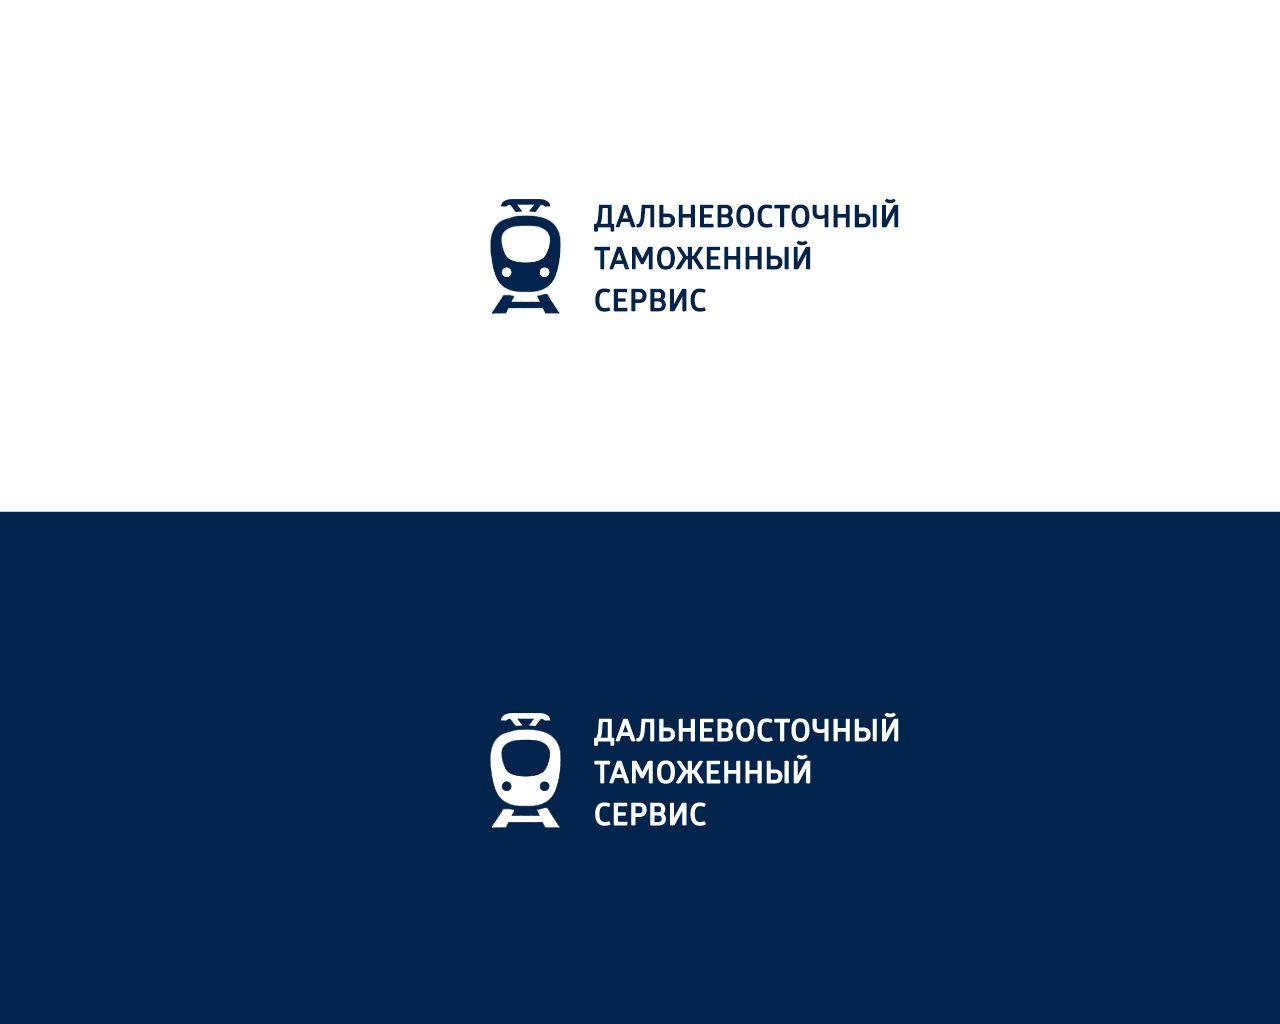 Логотип знак фирменные цвета для компании ДВТС   - дизайнер JMA